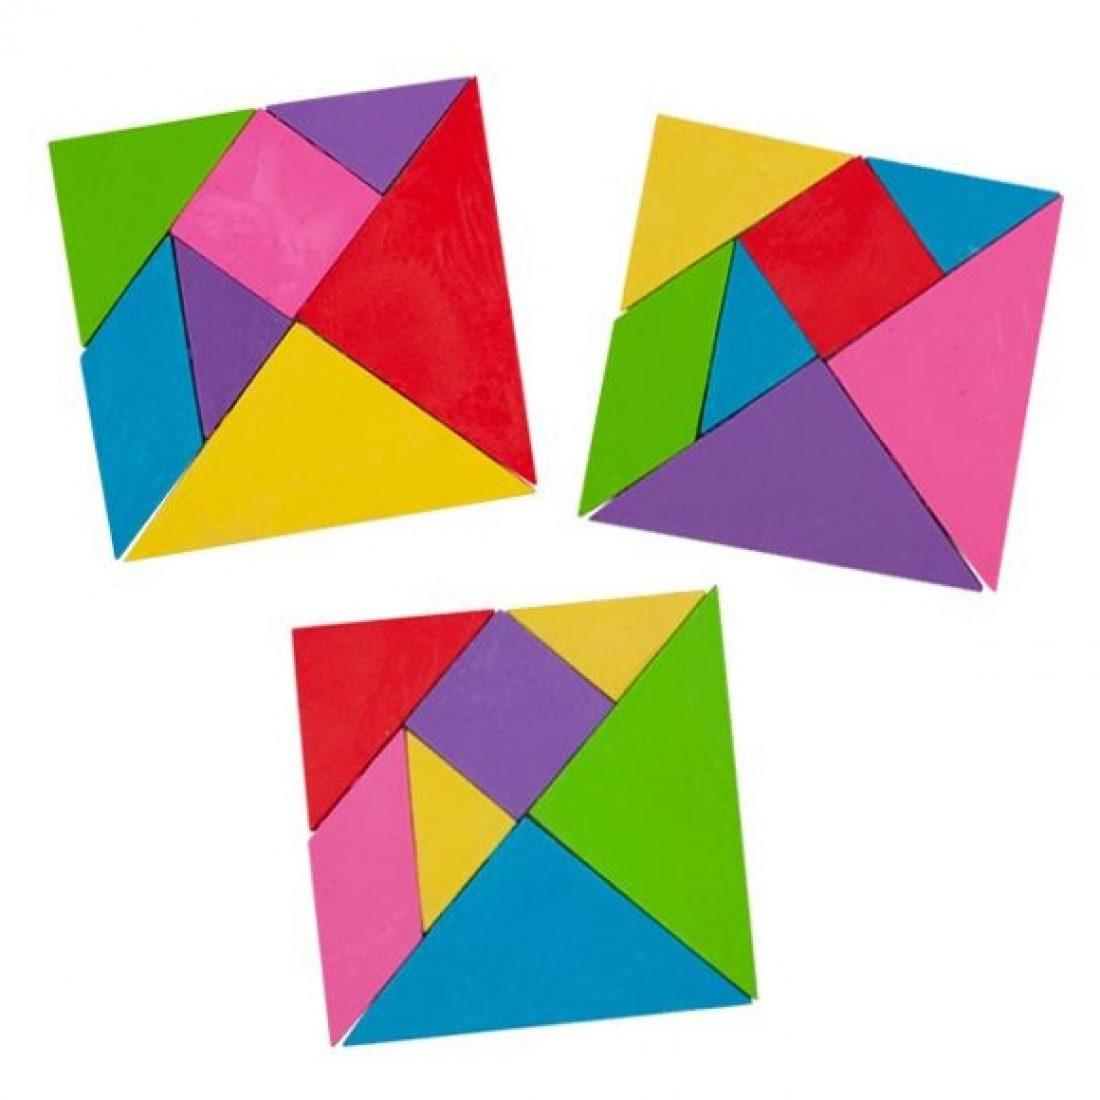 radiergummi  tangram 7teilig